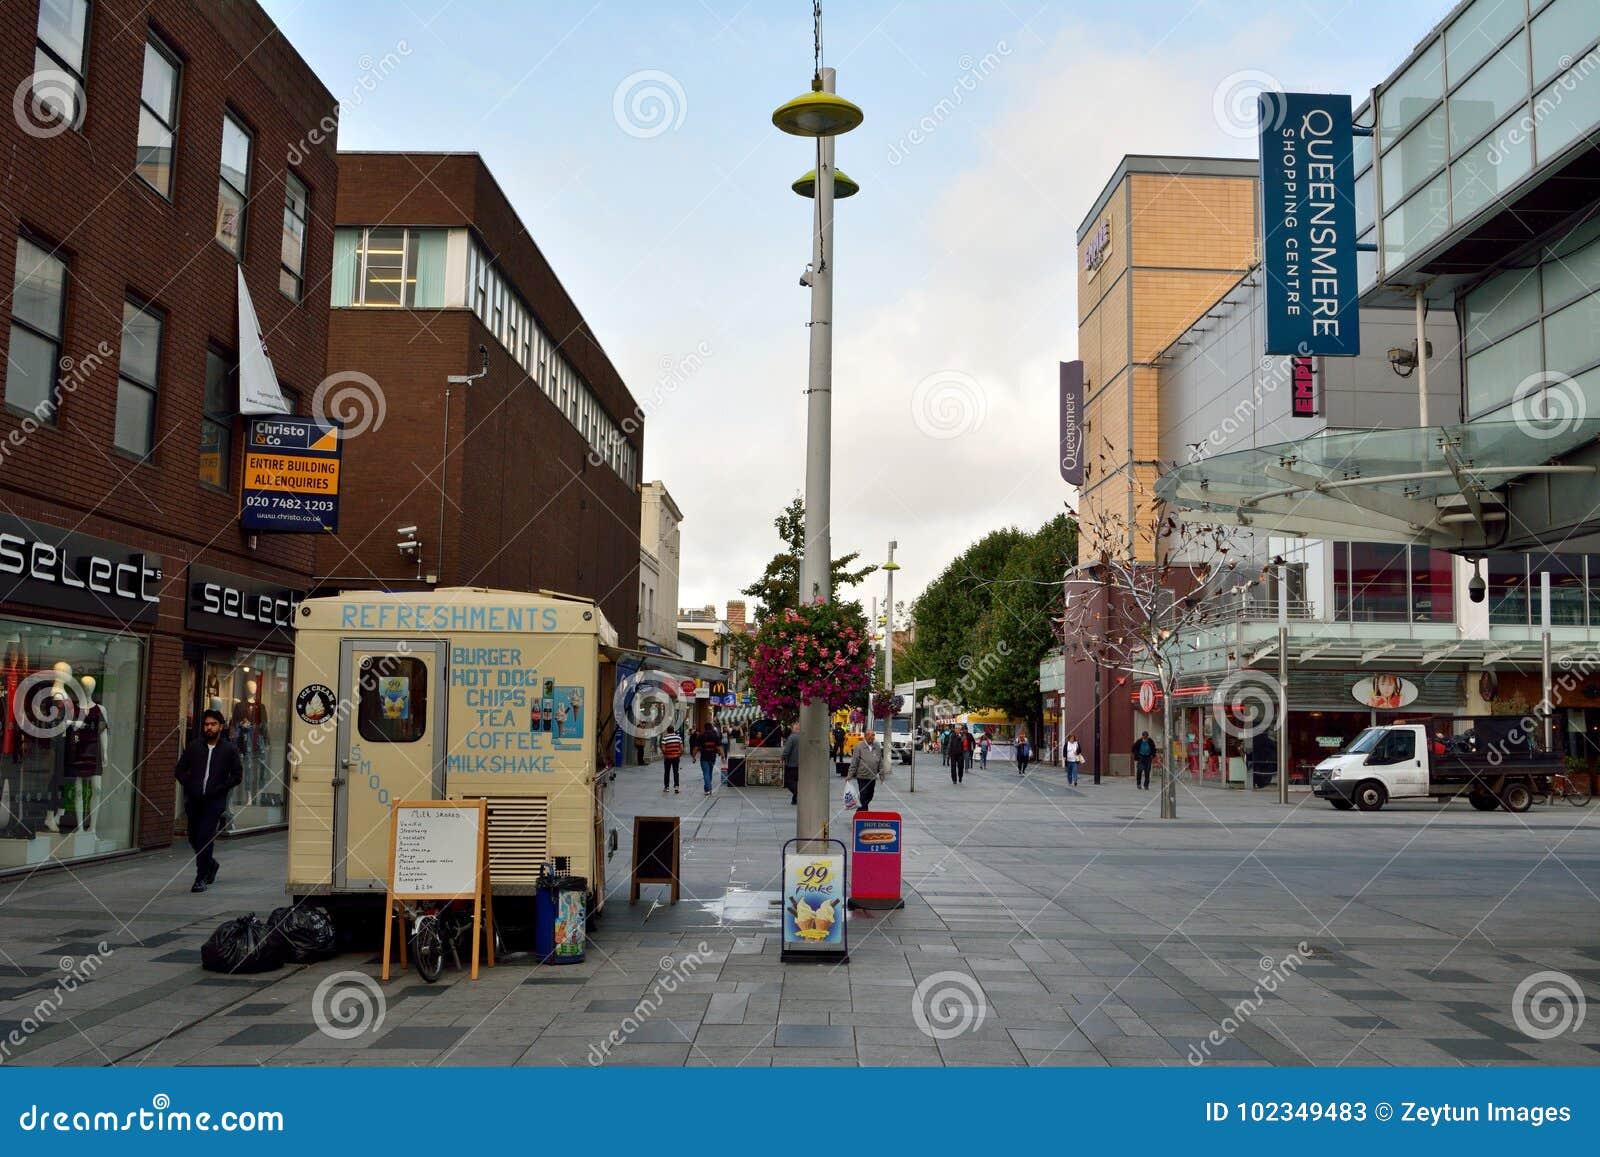 Взгляд главной улицы в Слау, с историческими зданиями, commerci